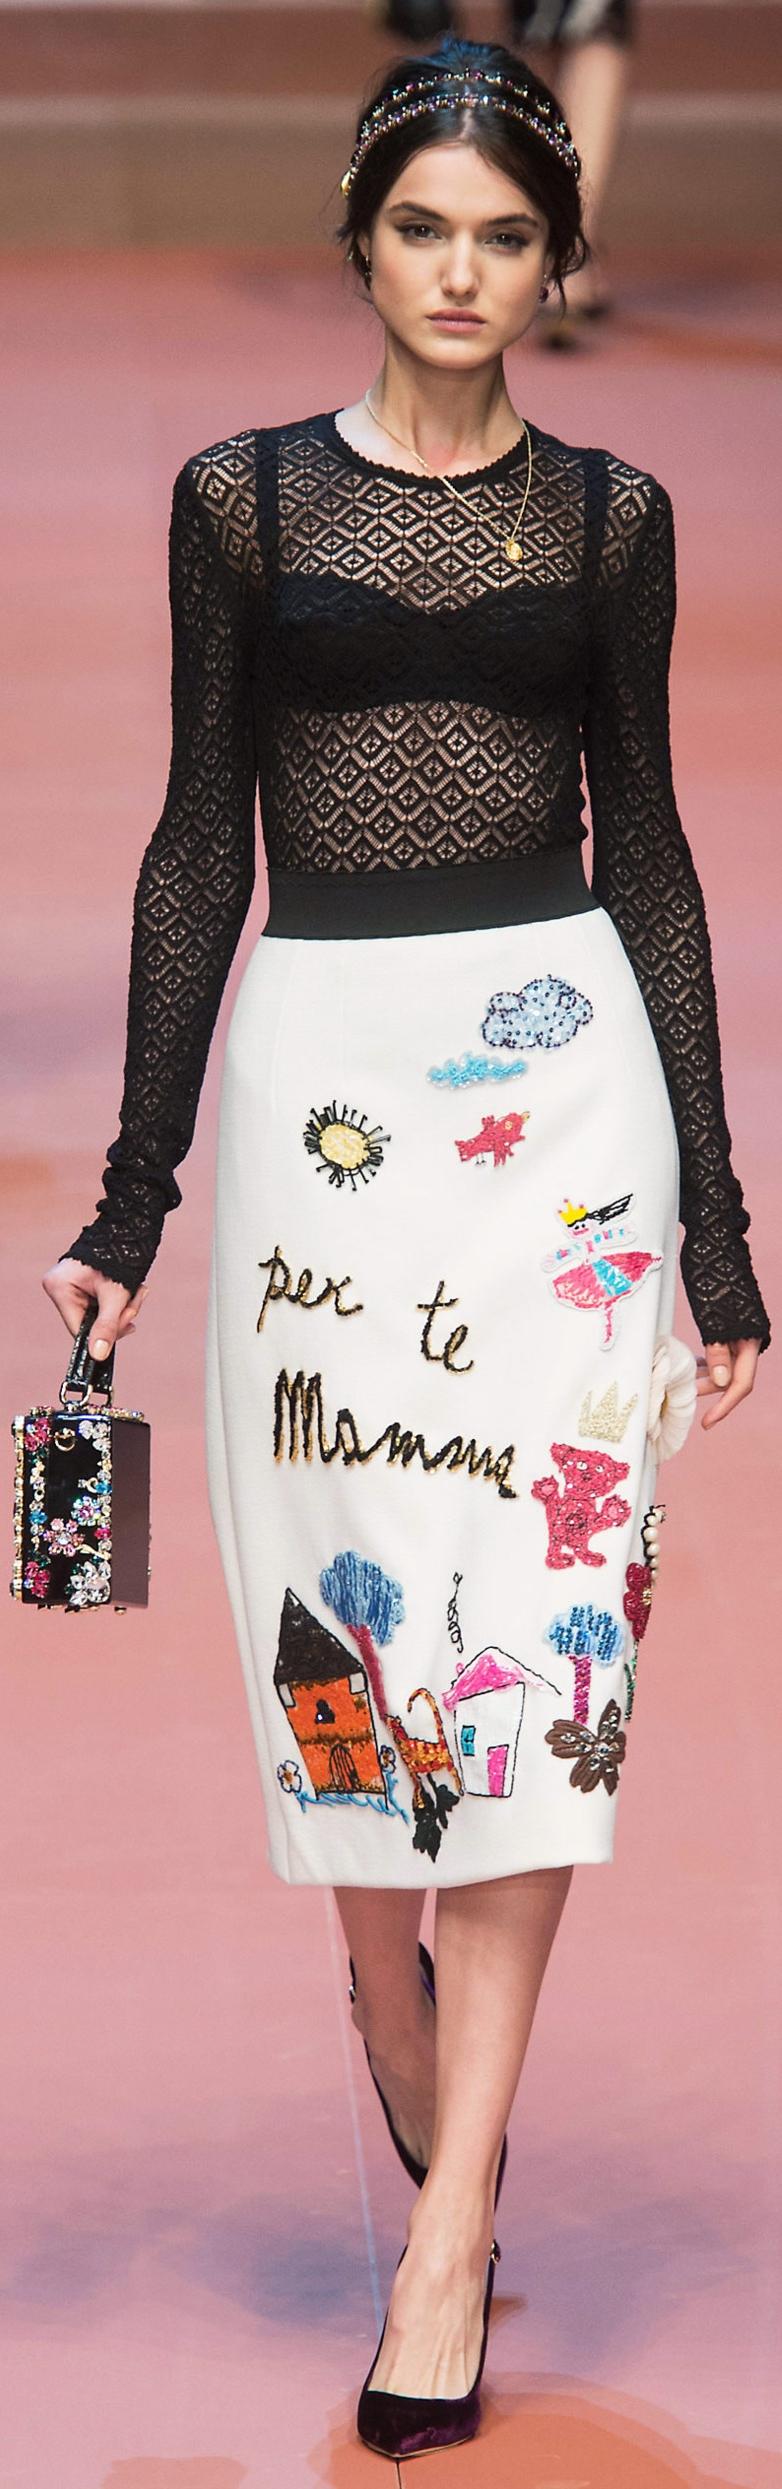 Dolce & Gabbana RTW Fall 2015